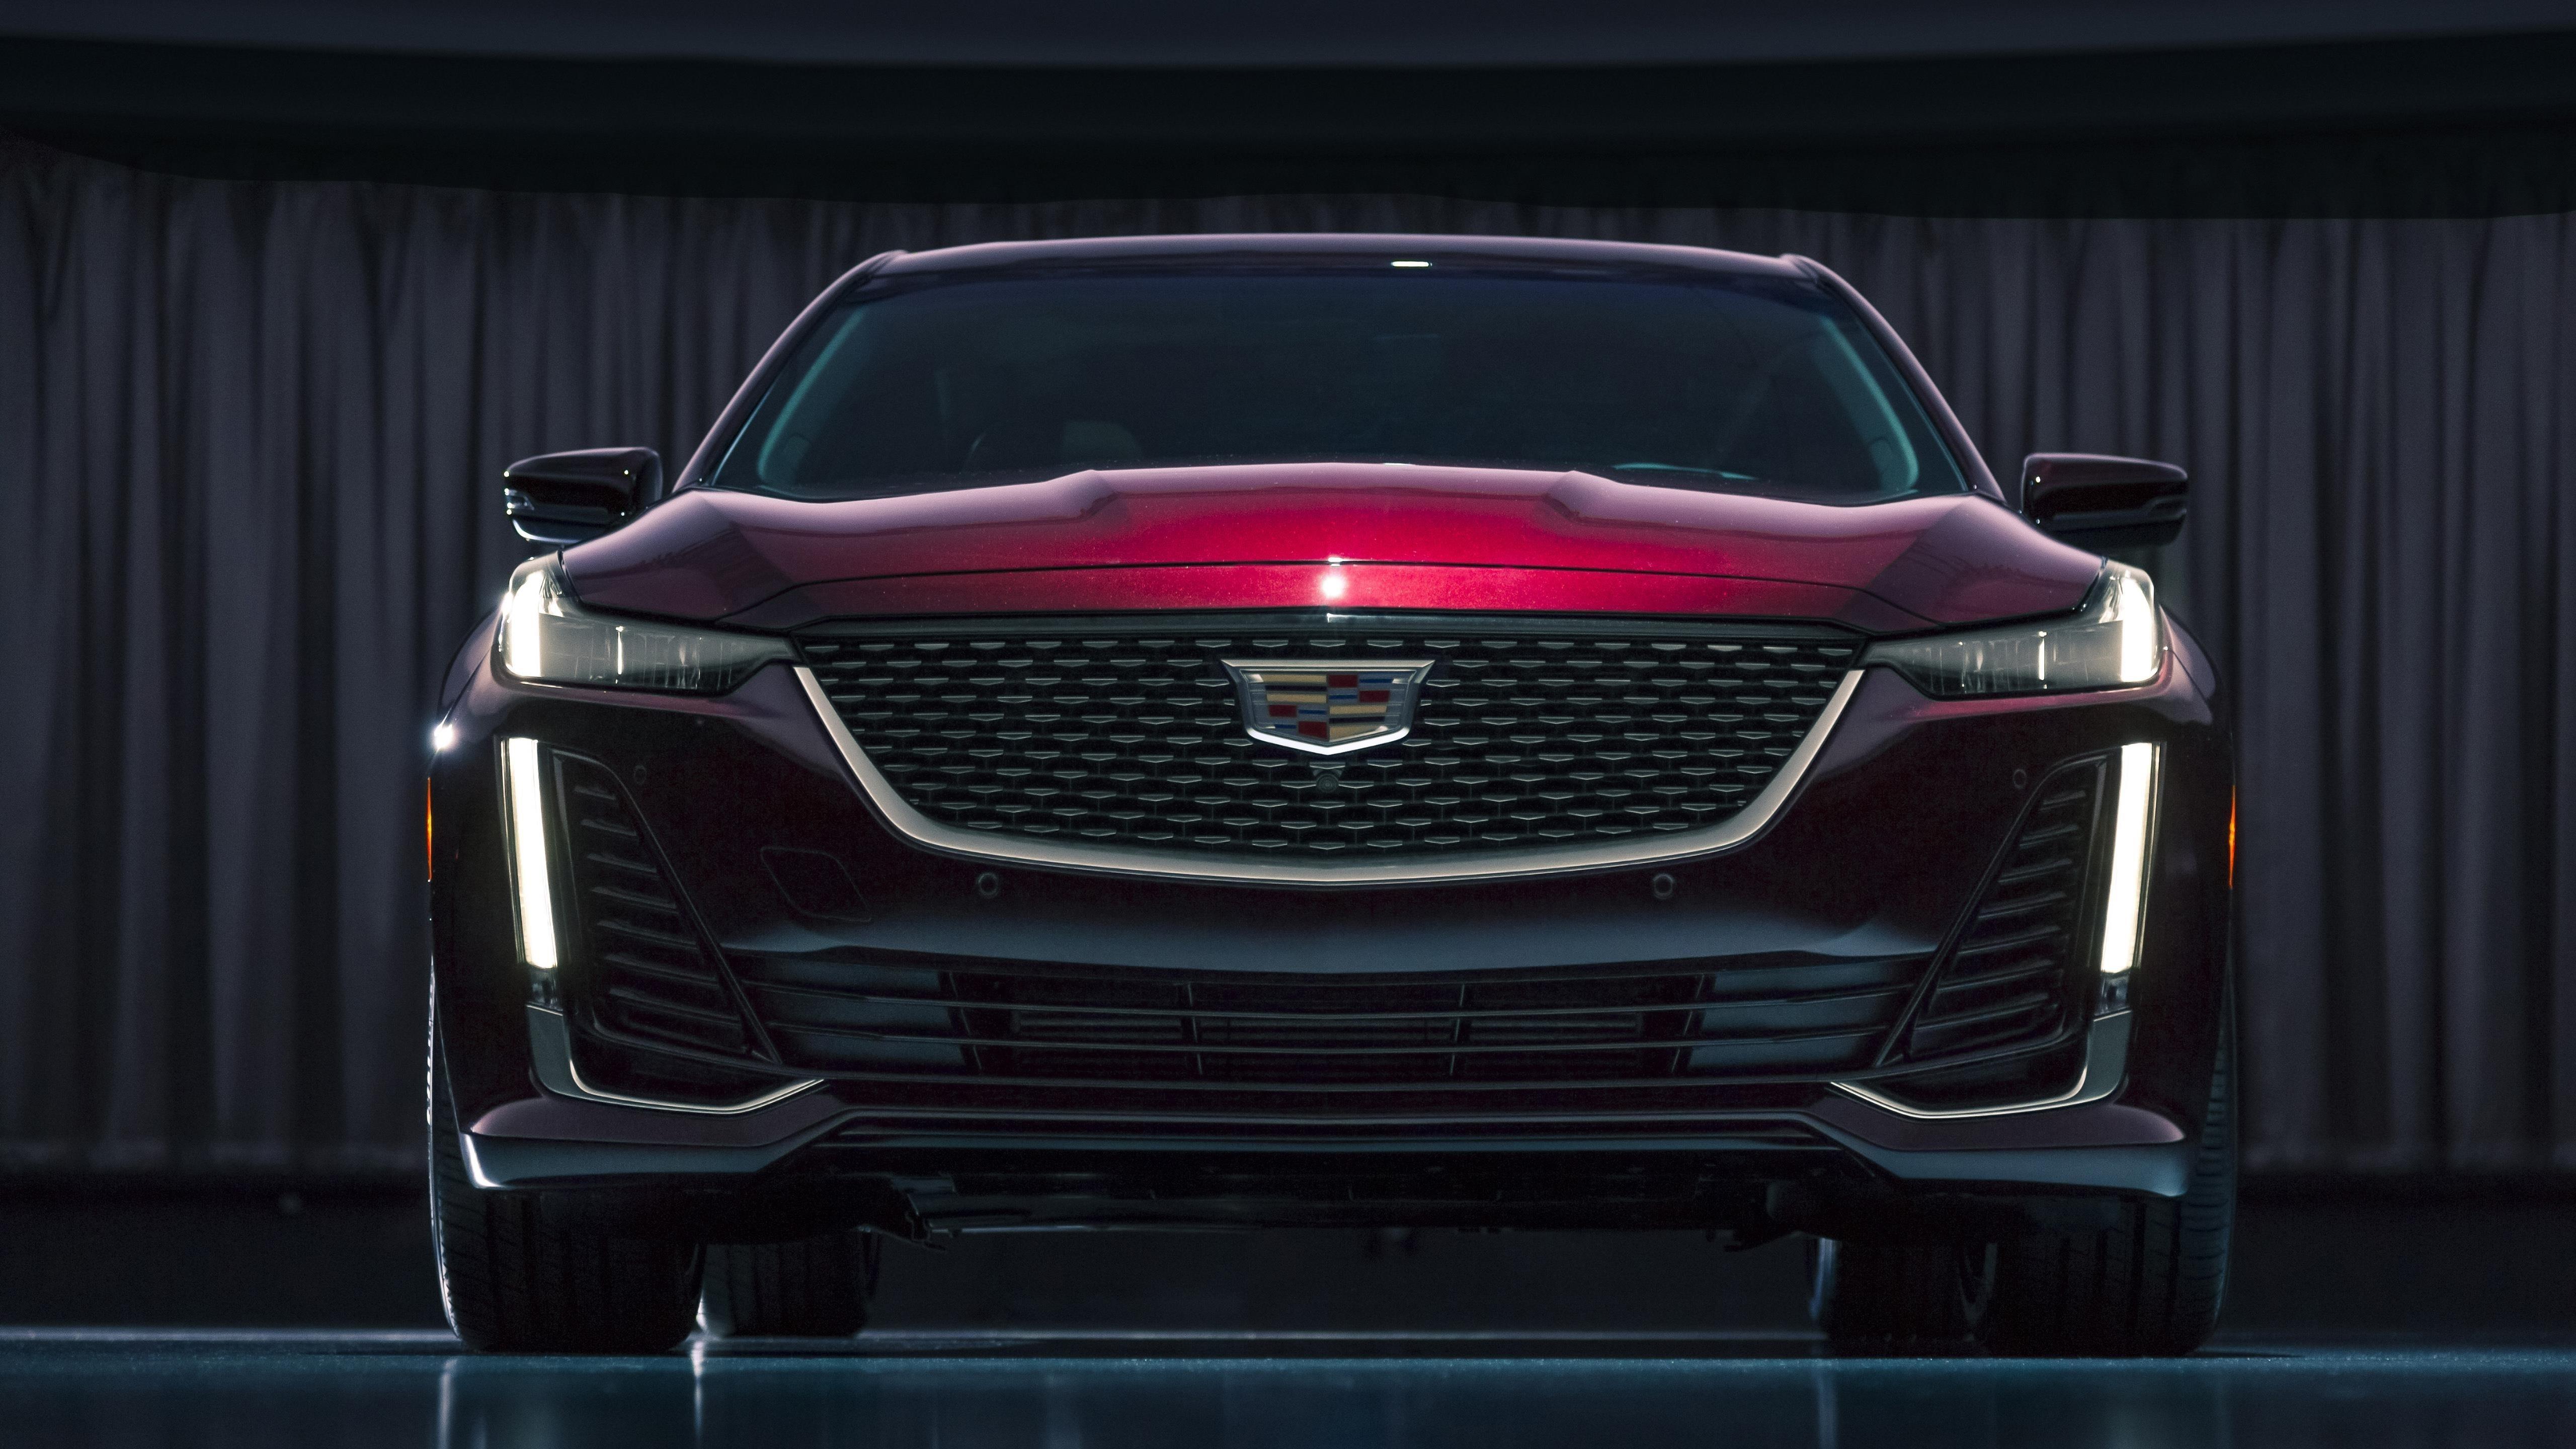 2020 Кадиллак CT5, расположенный роскошный автомобиль премиум-класса обои скачать